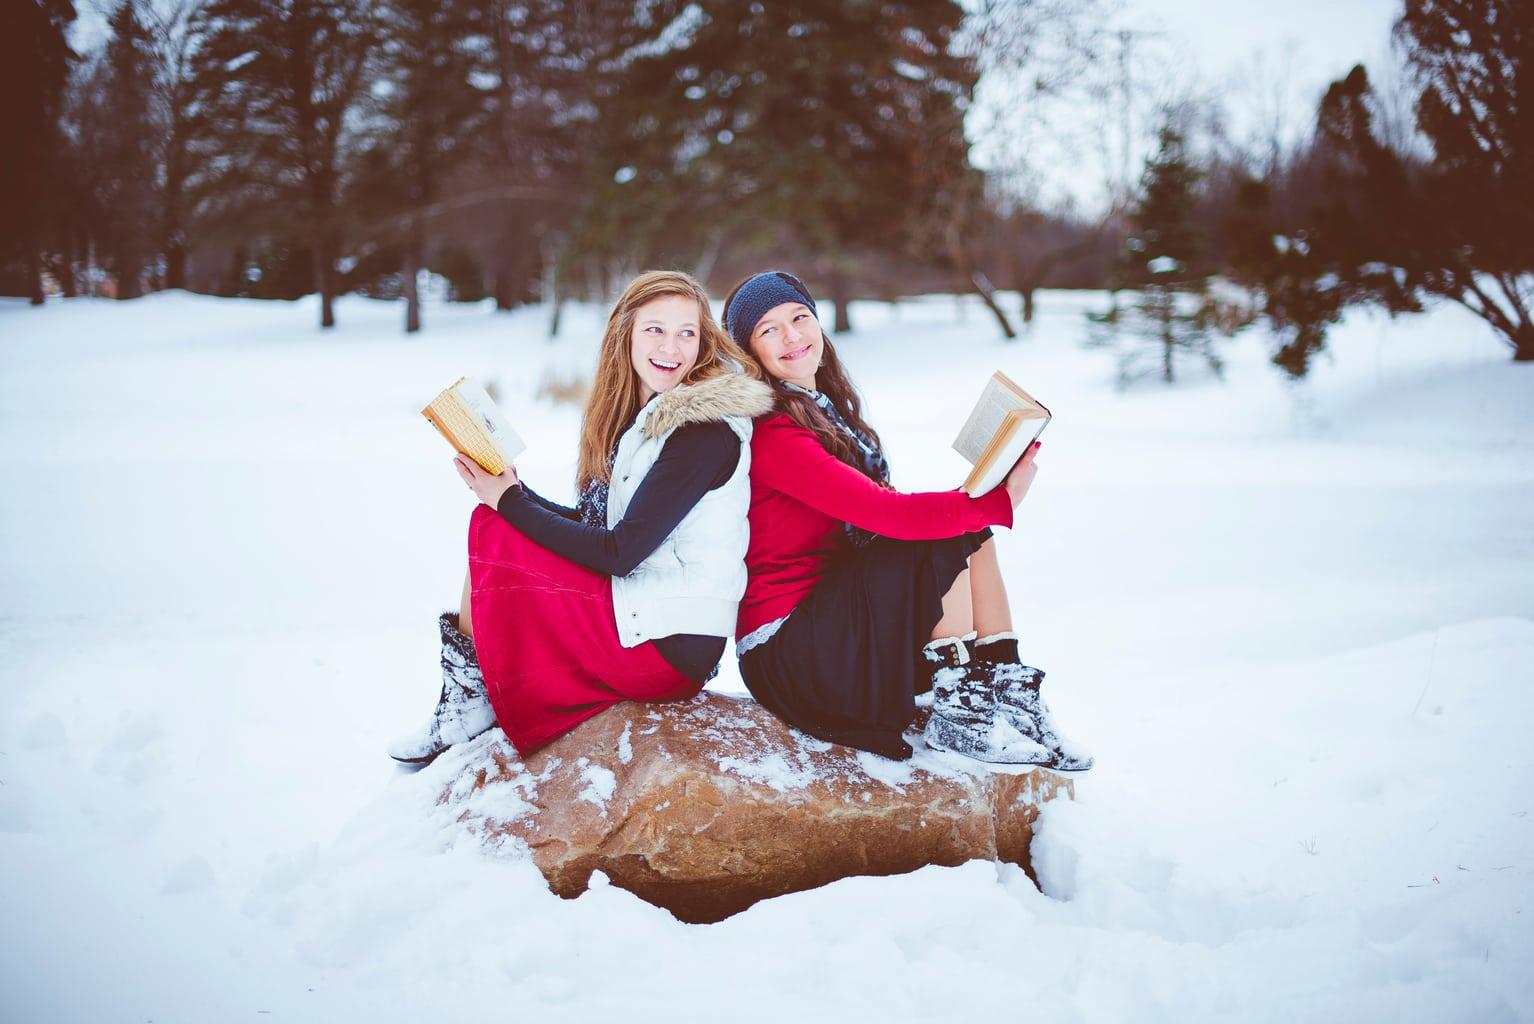 fotografía de dos chicas en la nieve con libros